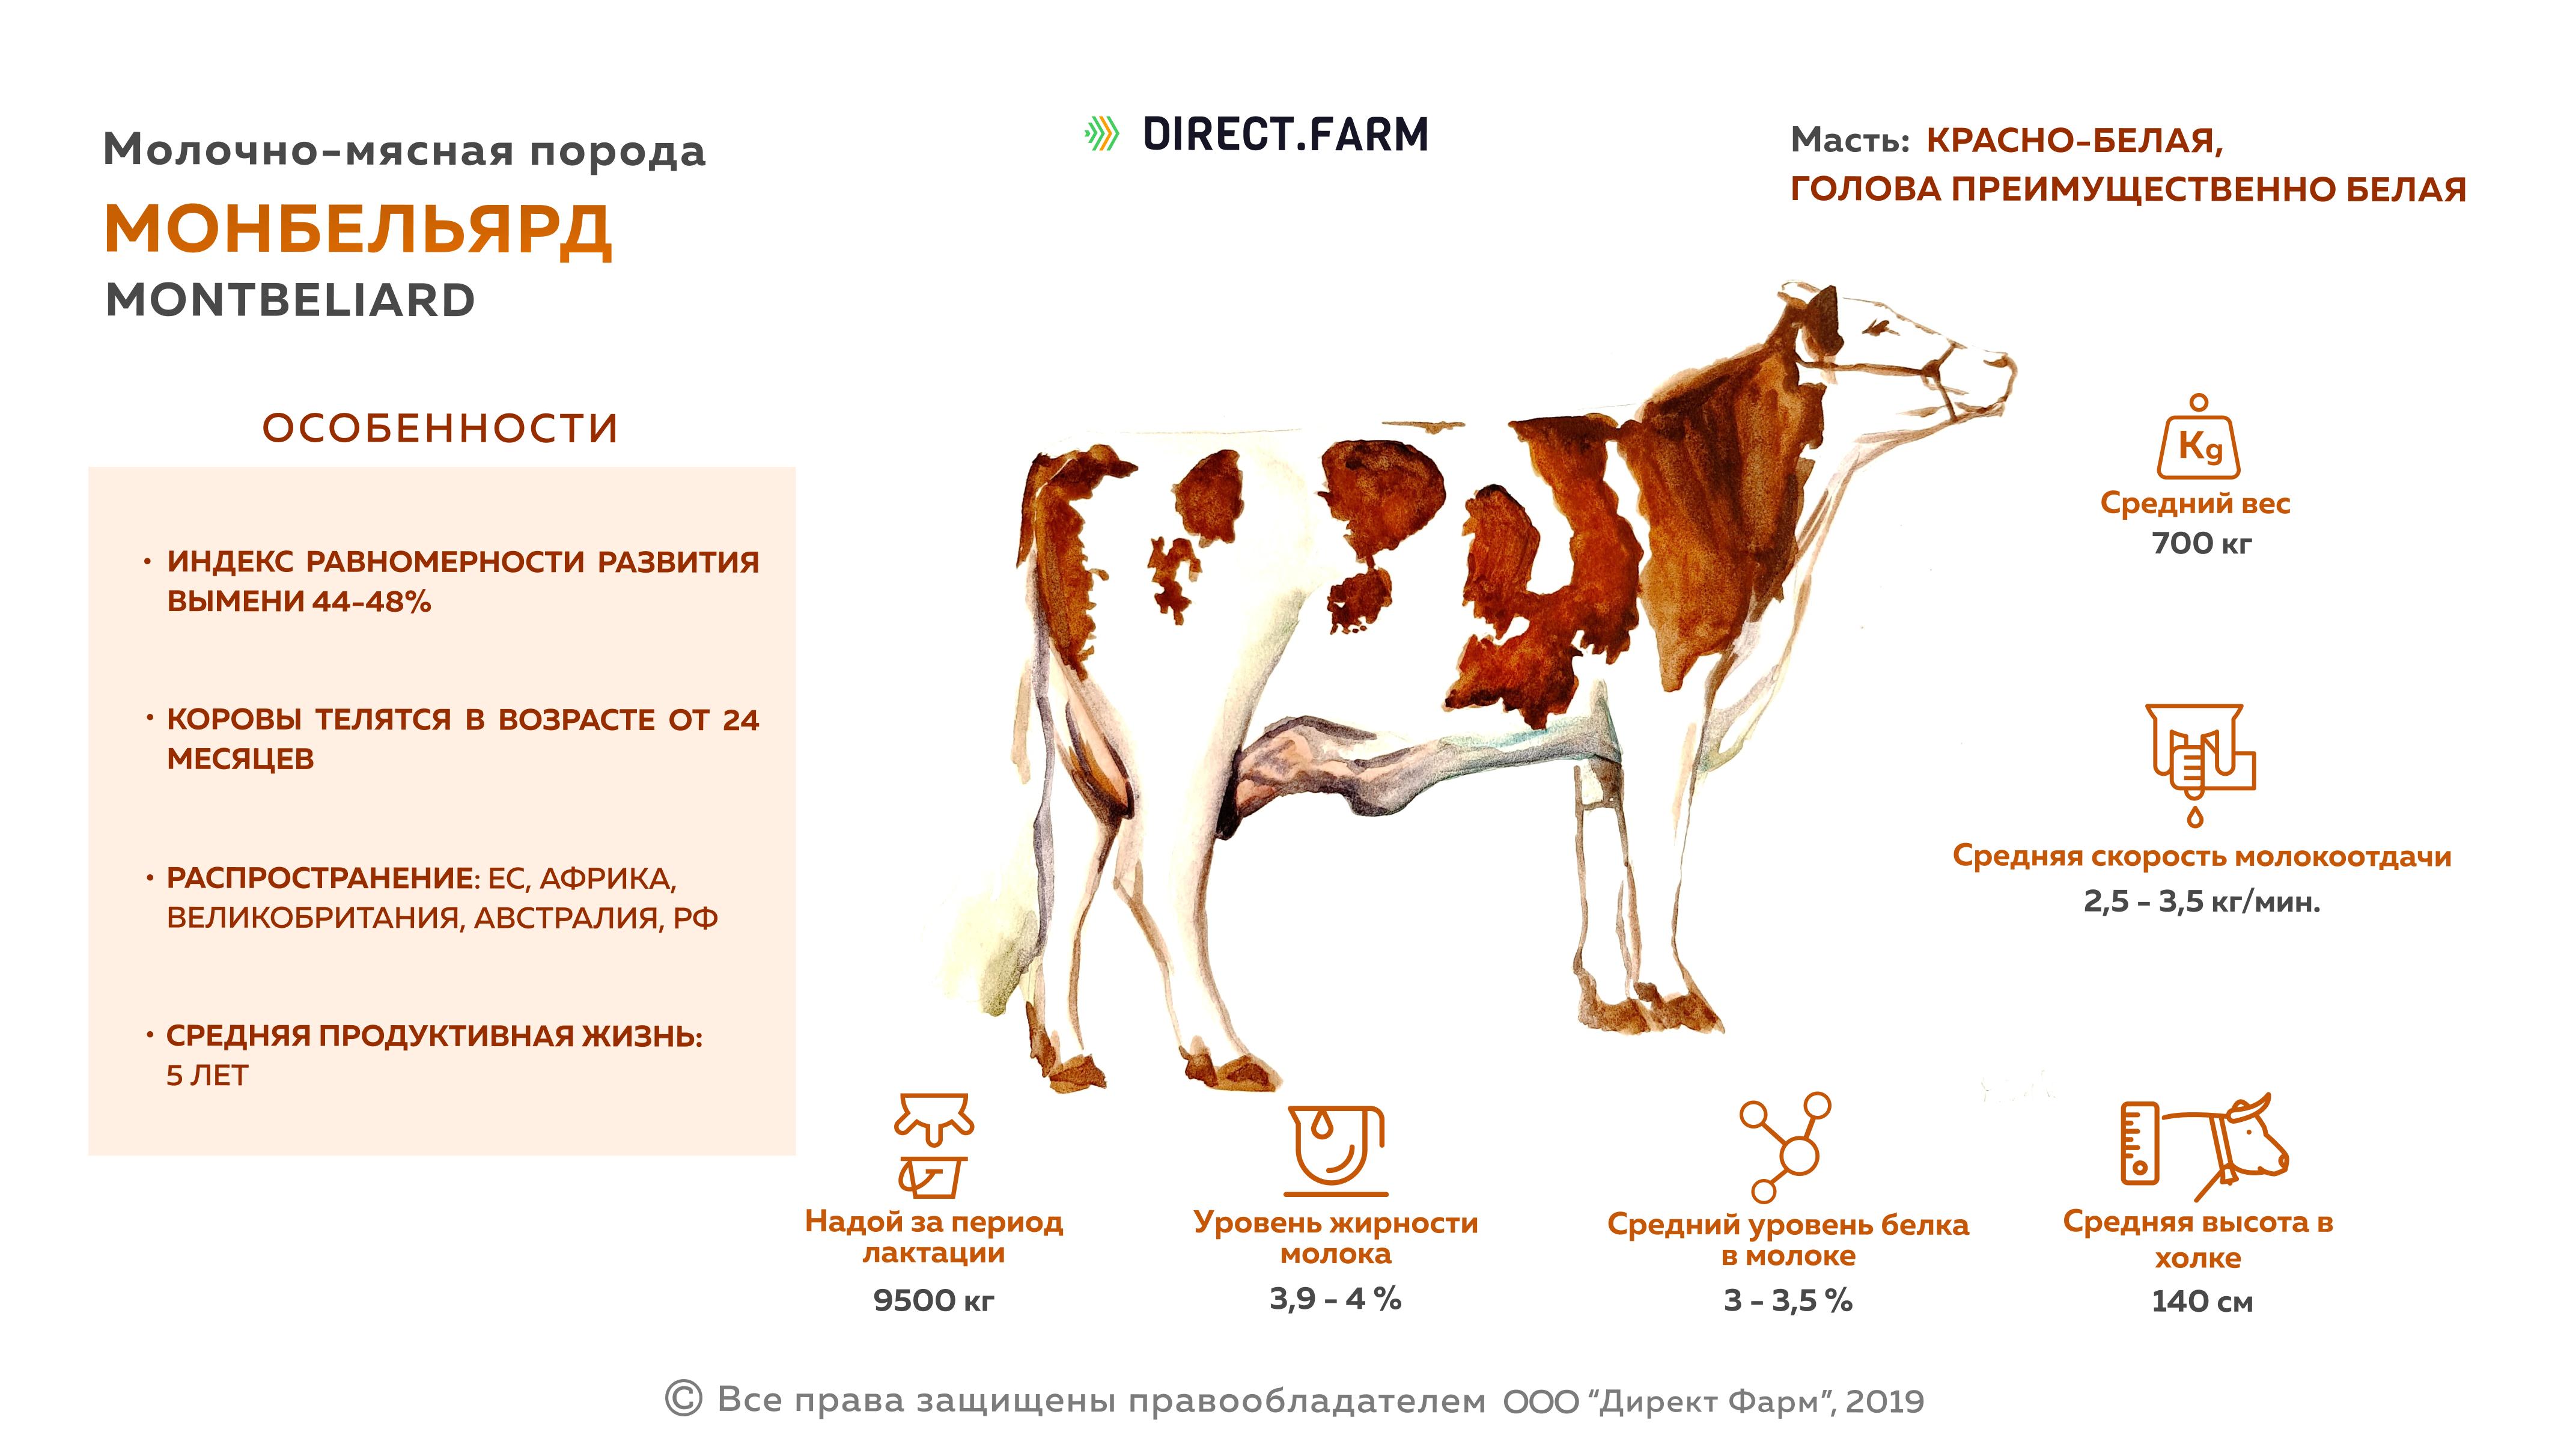 Особенности монбельярдской породы коров - мыдачники